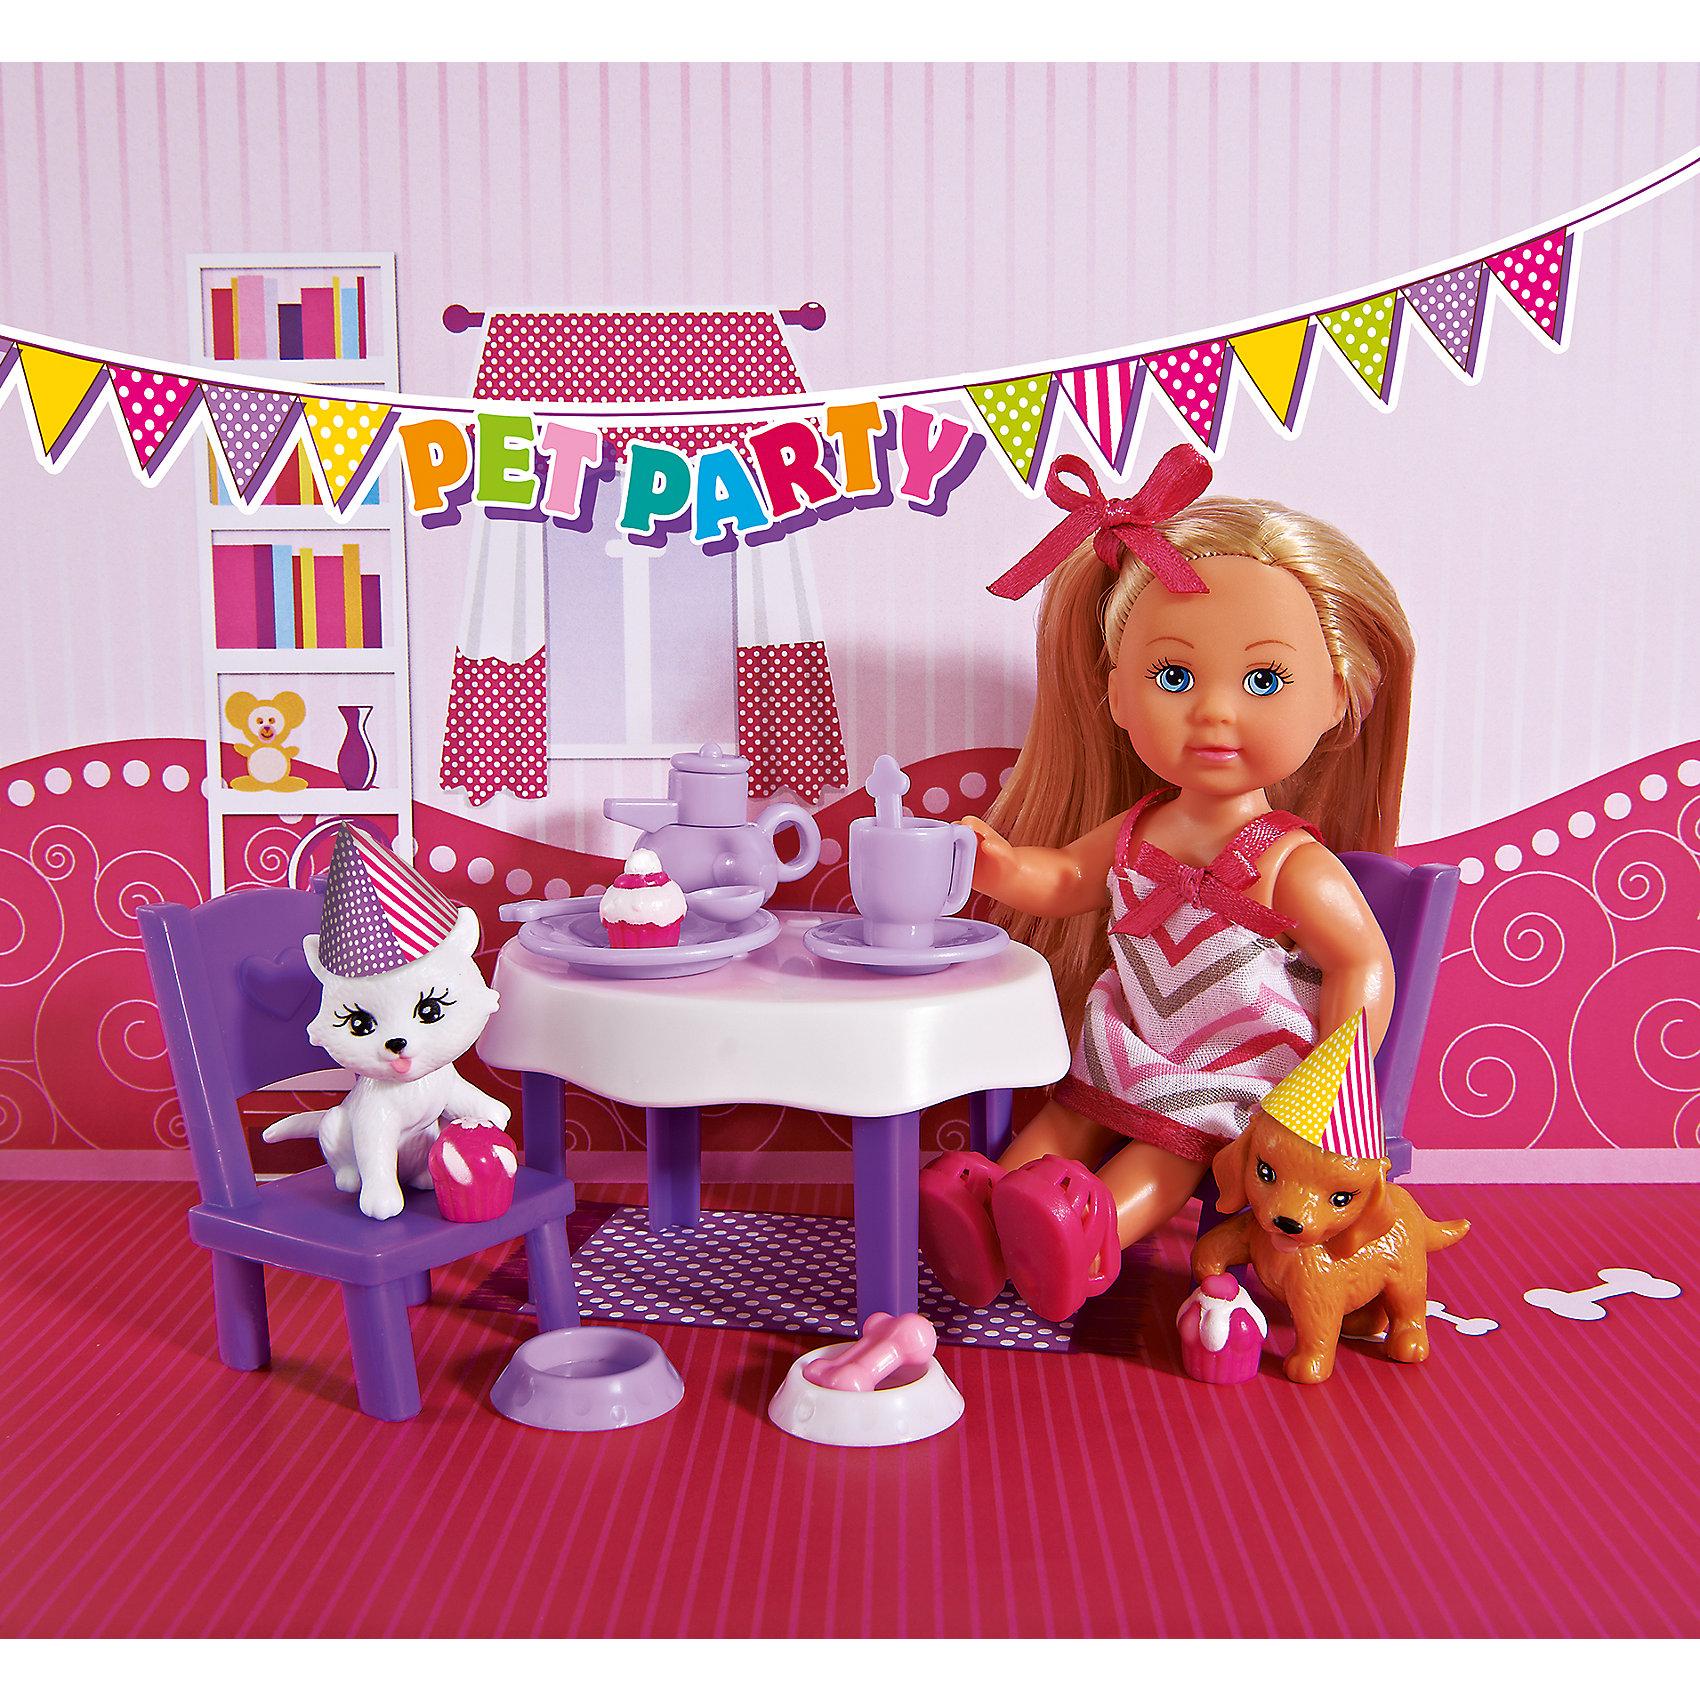 Кукла Еви с набором  День рождение питомцев, SimbaБренды кукол<br>Характеристики товара:<br><br>- цвет: разноцветный;<br>- материал: пластик;<br>- возраст: от трех лет;<br>- комплектация: кукла, одежда, мебель, 2 фигурки животных, аксессуары;<br>- высота куклы: 12 см.<br><br>Эта симпатичная кукла Еви от известного бренда приводит детей в восторг! Какая девочка сможет отказаться поиграть с куклами, которые дополнены набором в виде животных?! В набор также входят аксессуары и предметы мебели для игр с куклой. Игрушка очень качественно выполнена, поэтому она станет замечательным подарком ребенку. <br>Продается набор в красивой удобной упаковке. Изделие произведено из высококачественного материала, безопасного для детей.<br><br>Куклу Еви с набором День рождение питомцев от бренда Simba можно купить в нашем интернет-магазине.<br><br>Ширина мм: 70<br>Глубина мм: 162<br>Высота мм: 185<br>Вес г: 200<br>Возраст от месяцев: 36<br>Возраст до месяцев: 120<br>Пол: Женский<br>Возраст: Детский<br>SKU: 5119519